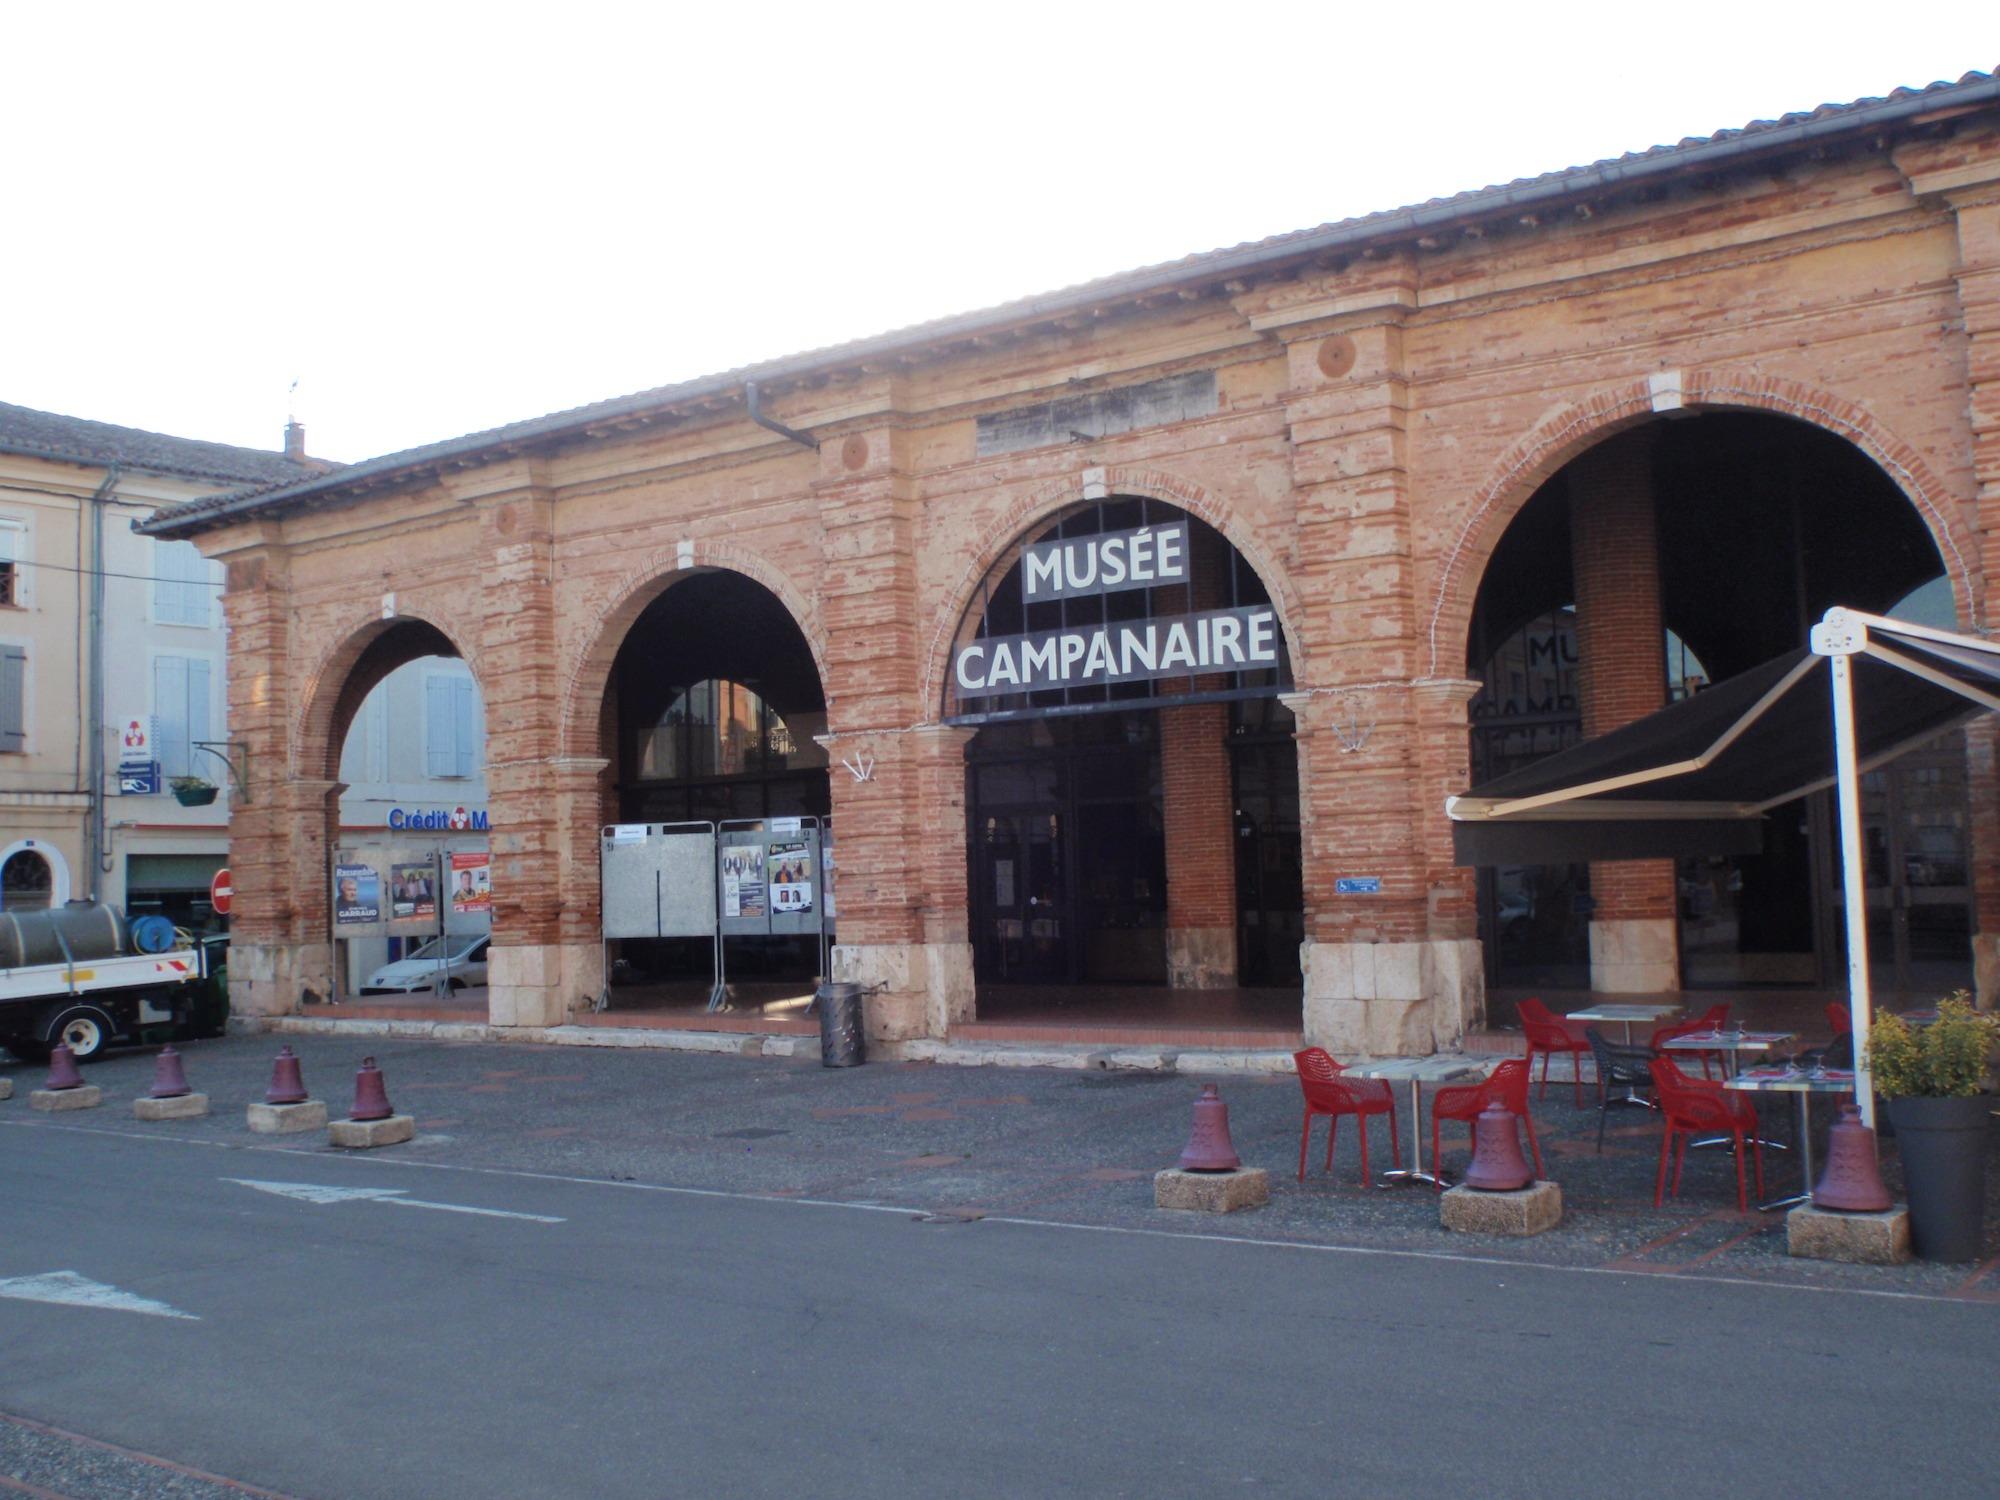 Musée Campanaire